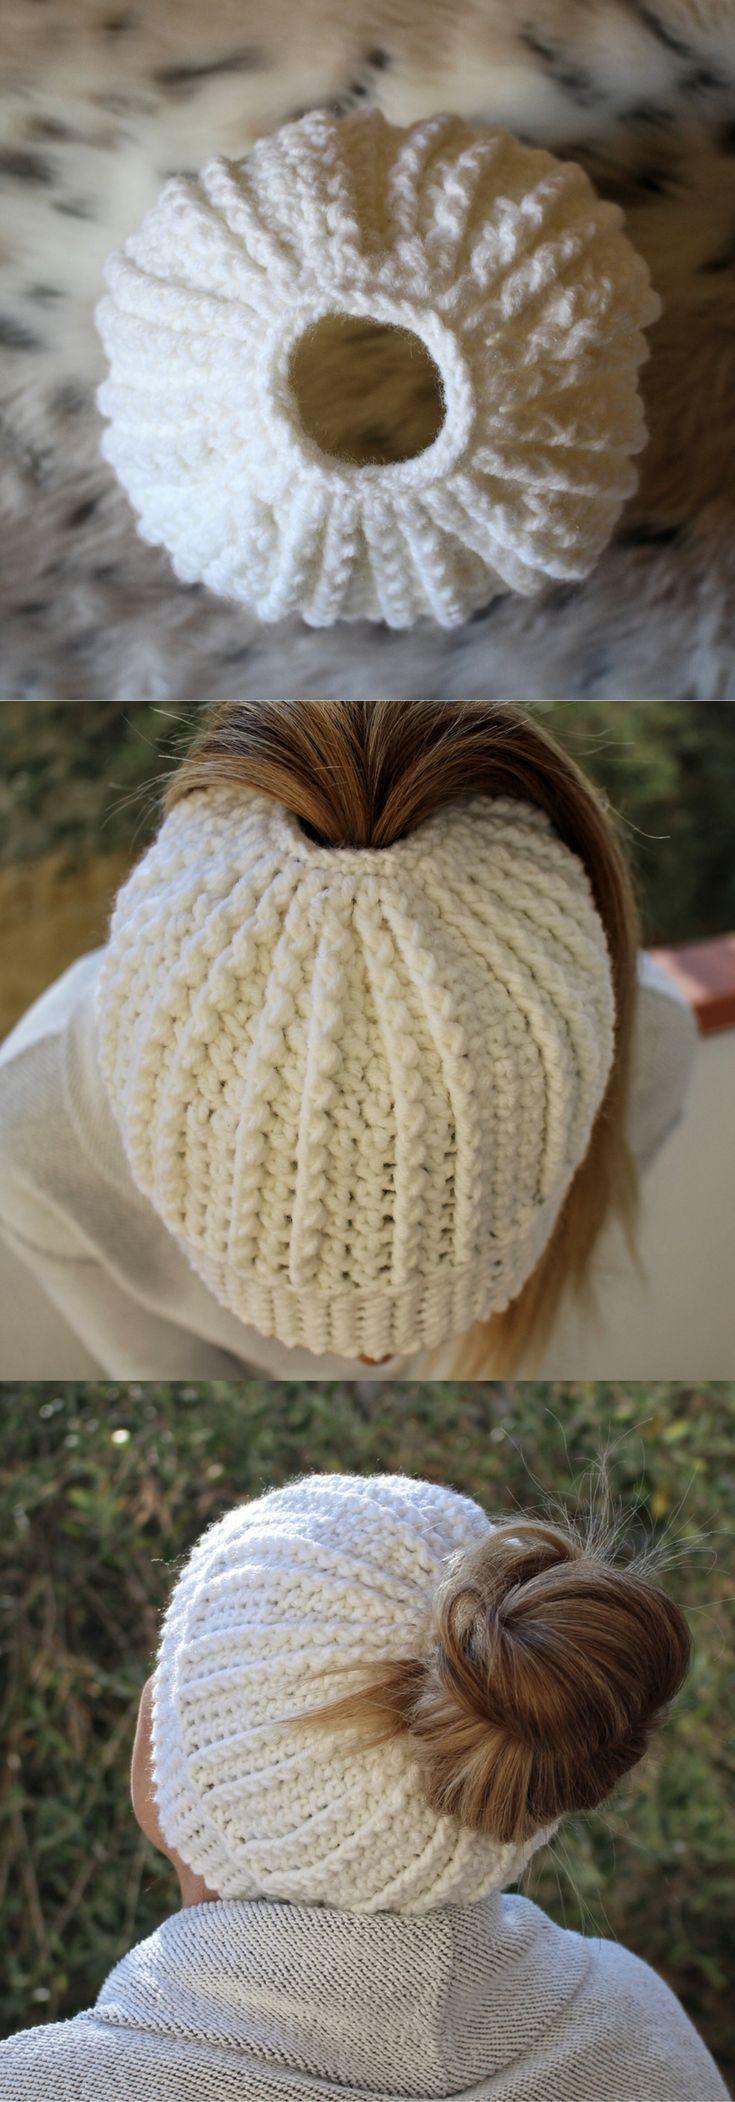 25 + › Unordentliches Brötchenmuster super einfach mit Doppelhäkeln. Schöne Textur mit dem … – Stricken #crochetyarn